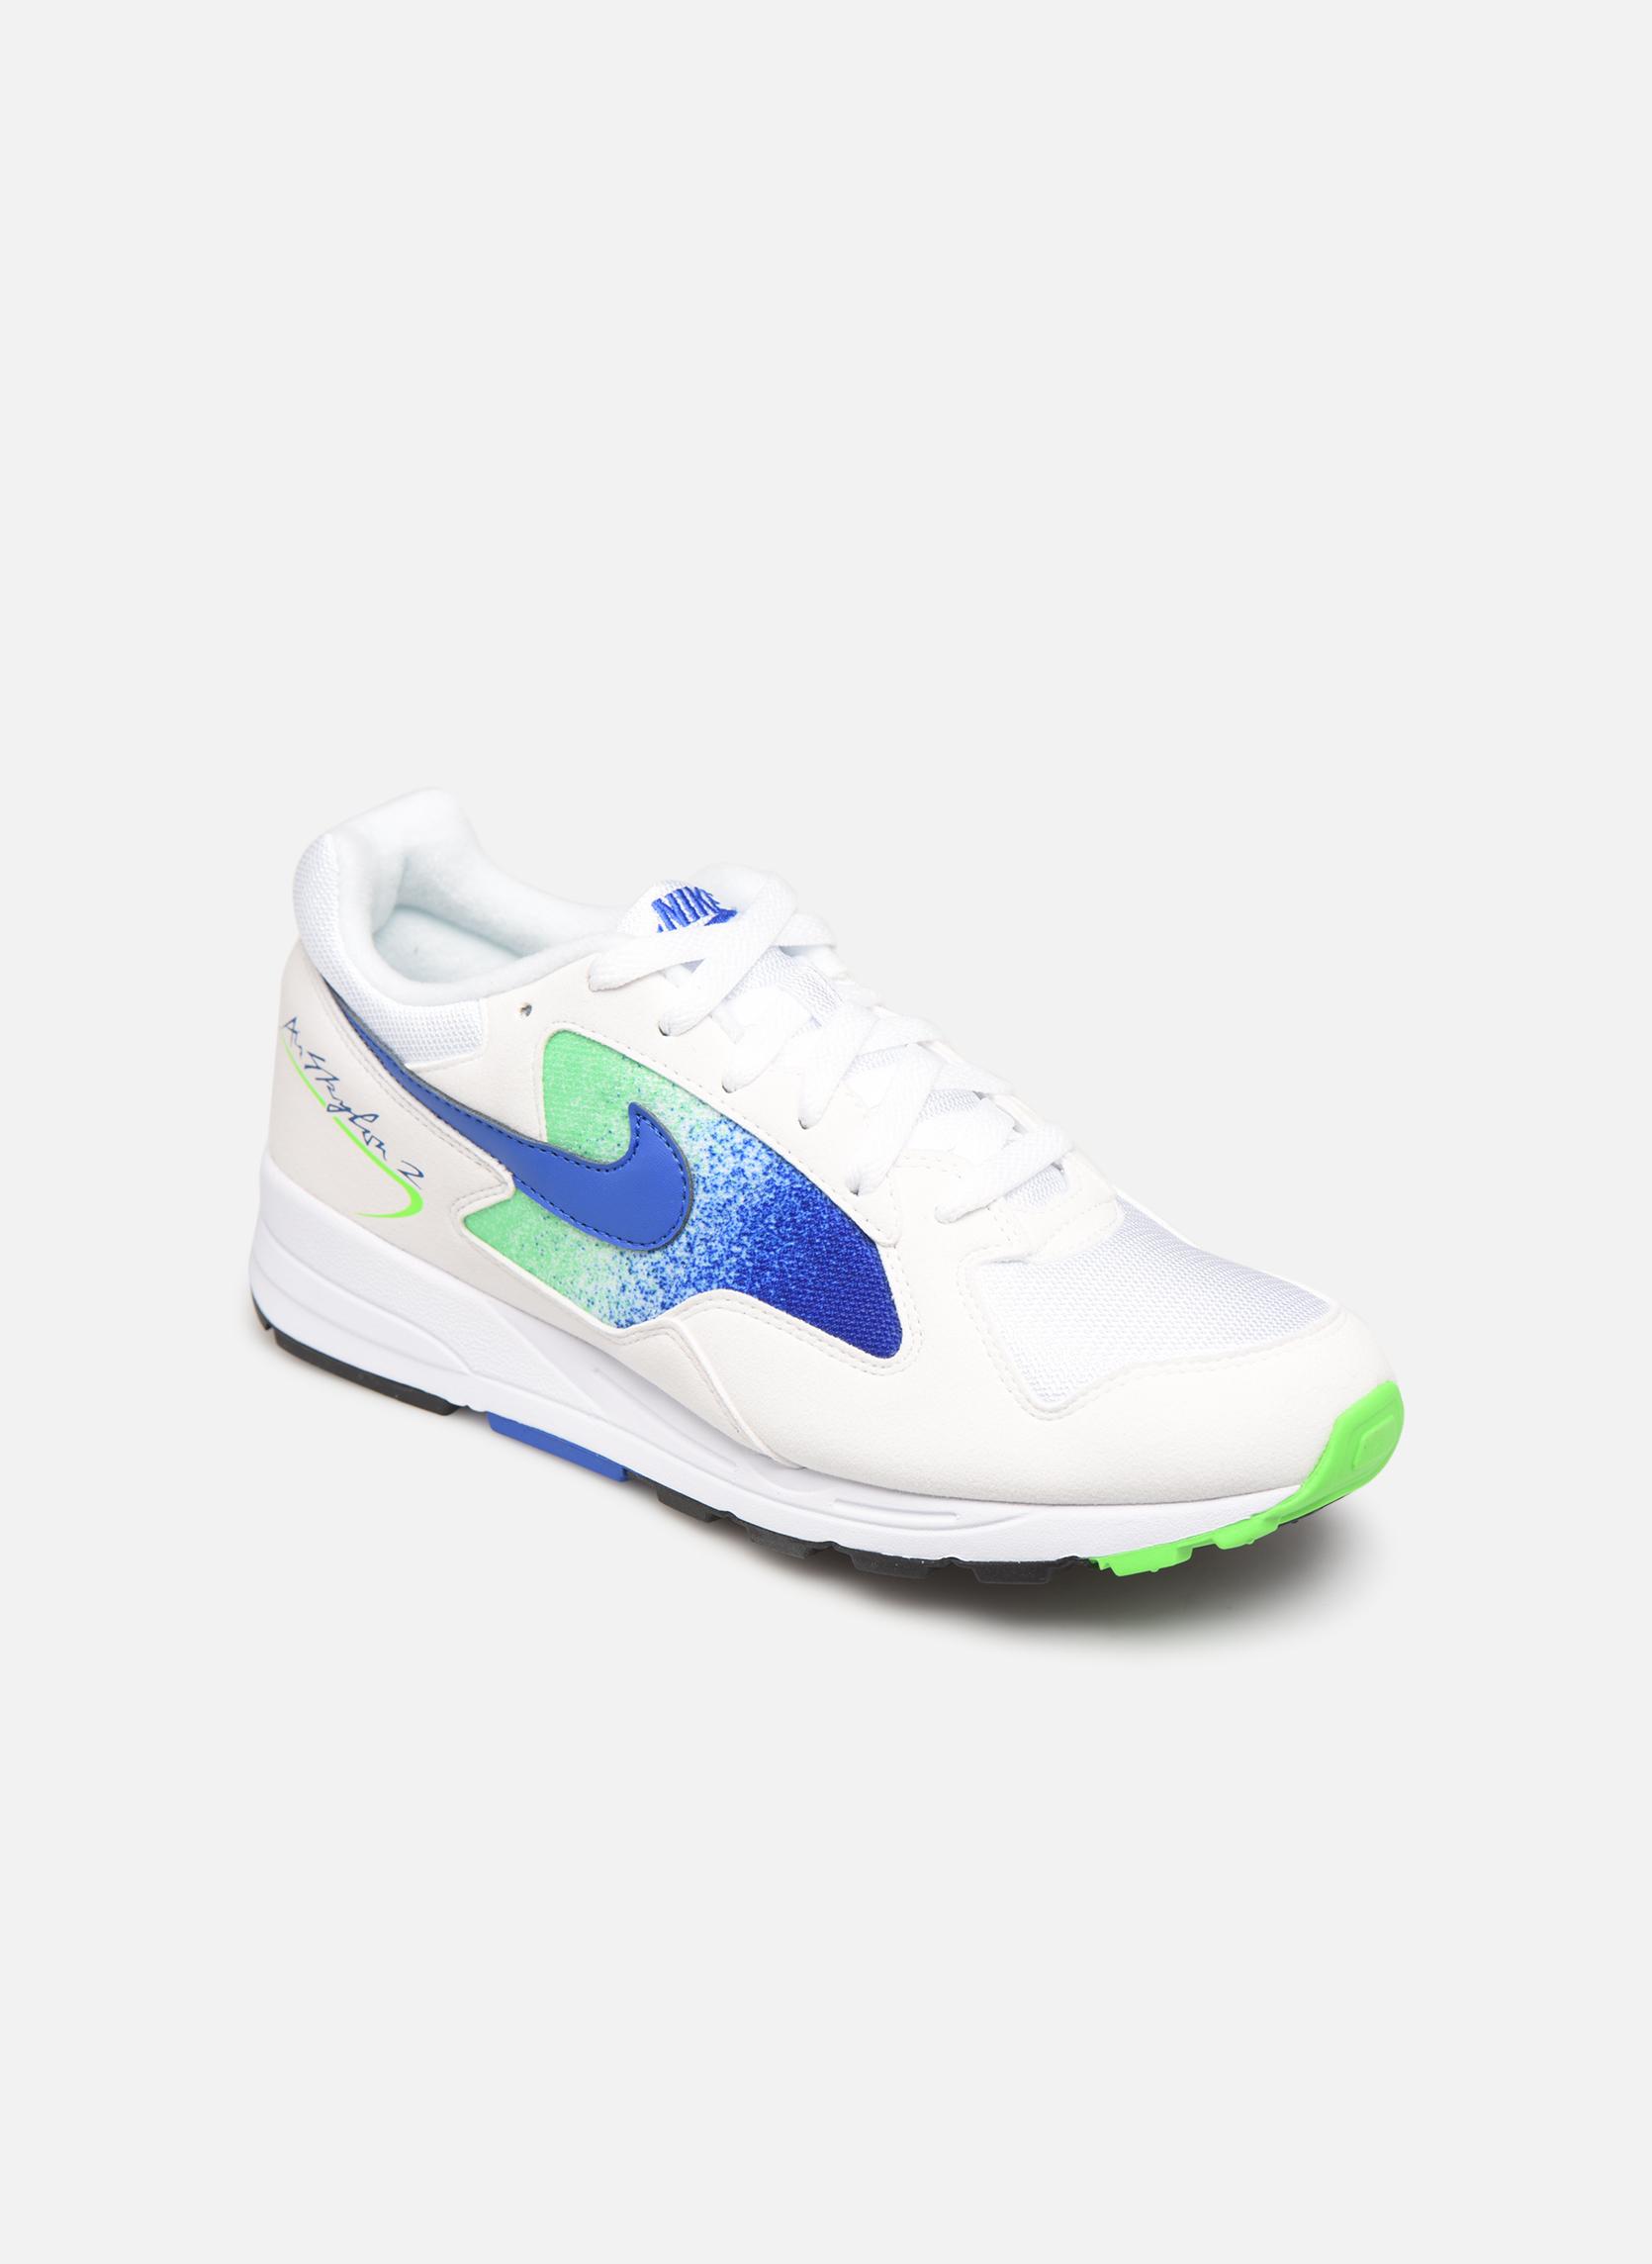 Sneakers Nike Air Skylon Ii by Nike